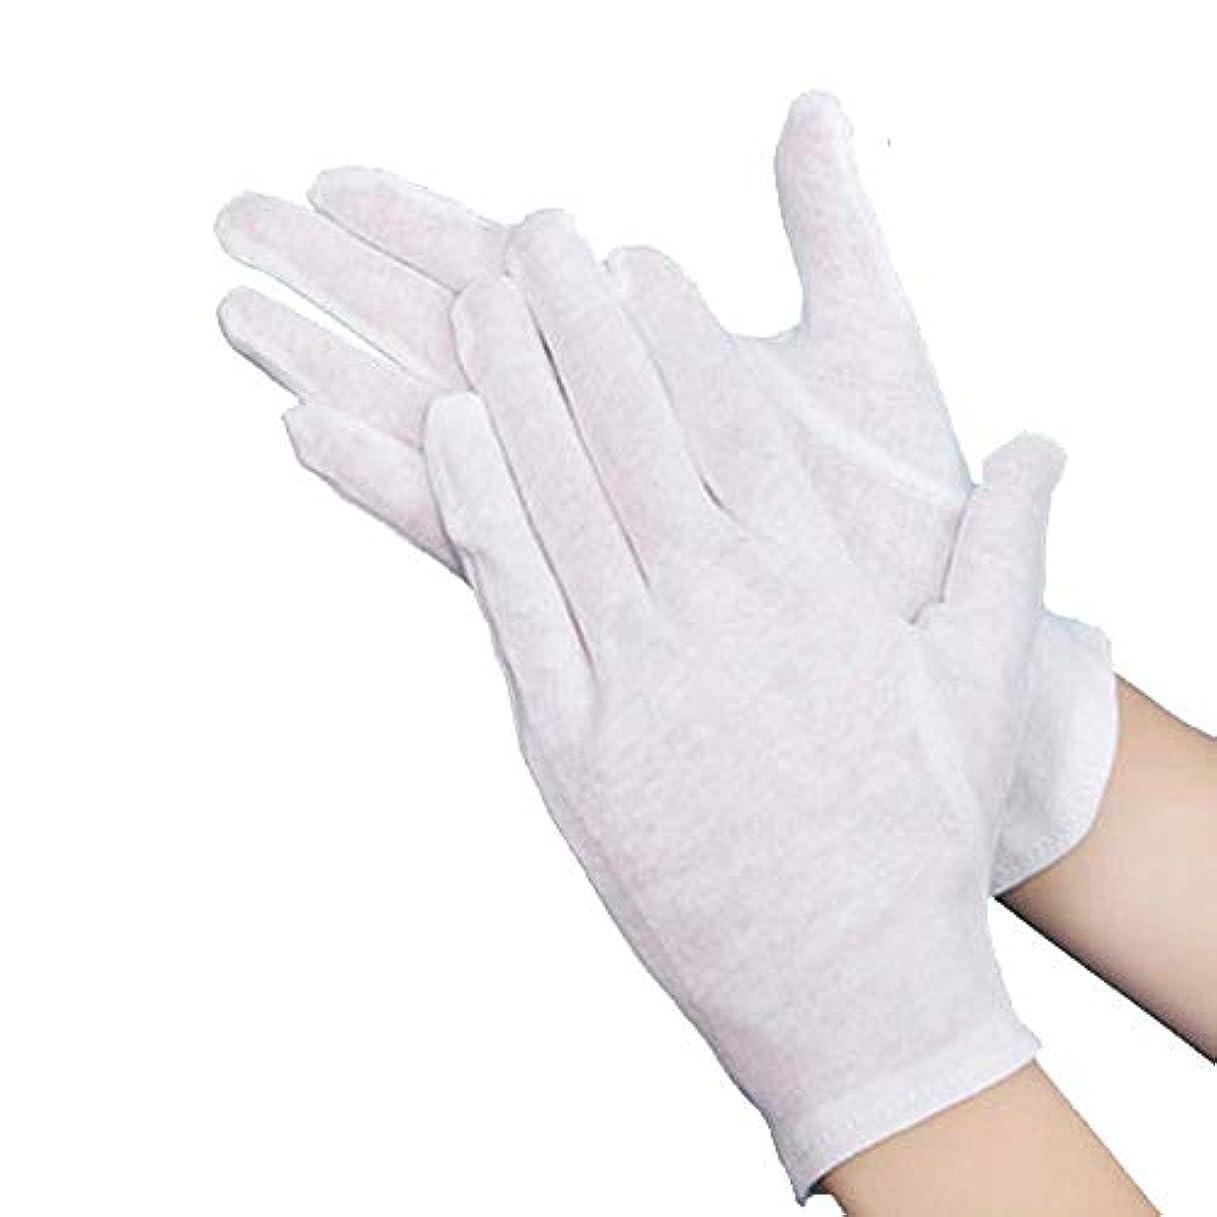 裁定マキシム市区町村綿手袋 純綿100%通気性耐久性が強い上に軽く高品質吸汗性が优秀ふんわりとした肌触り10双組